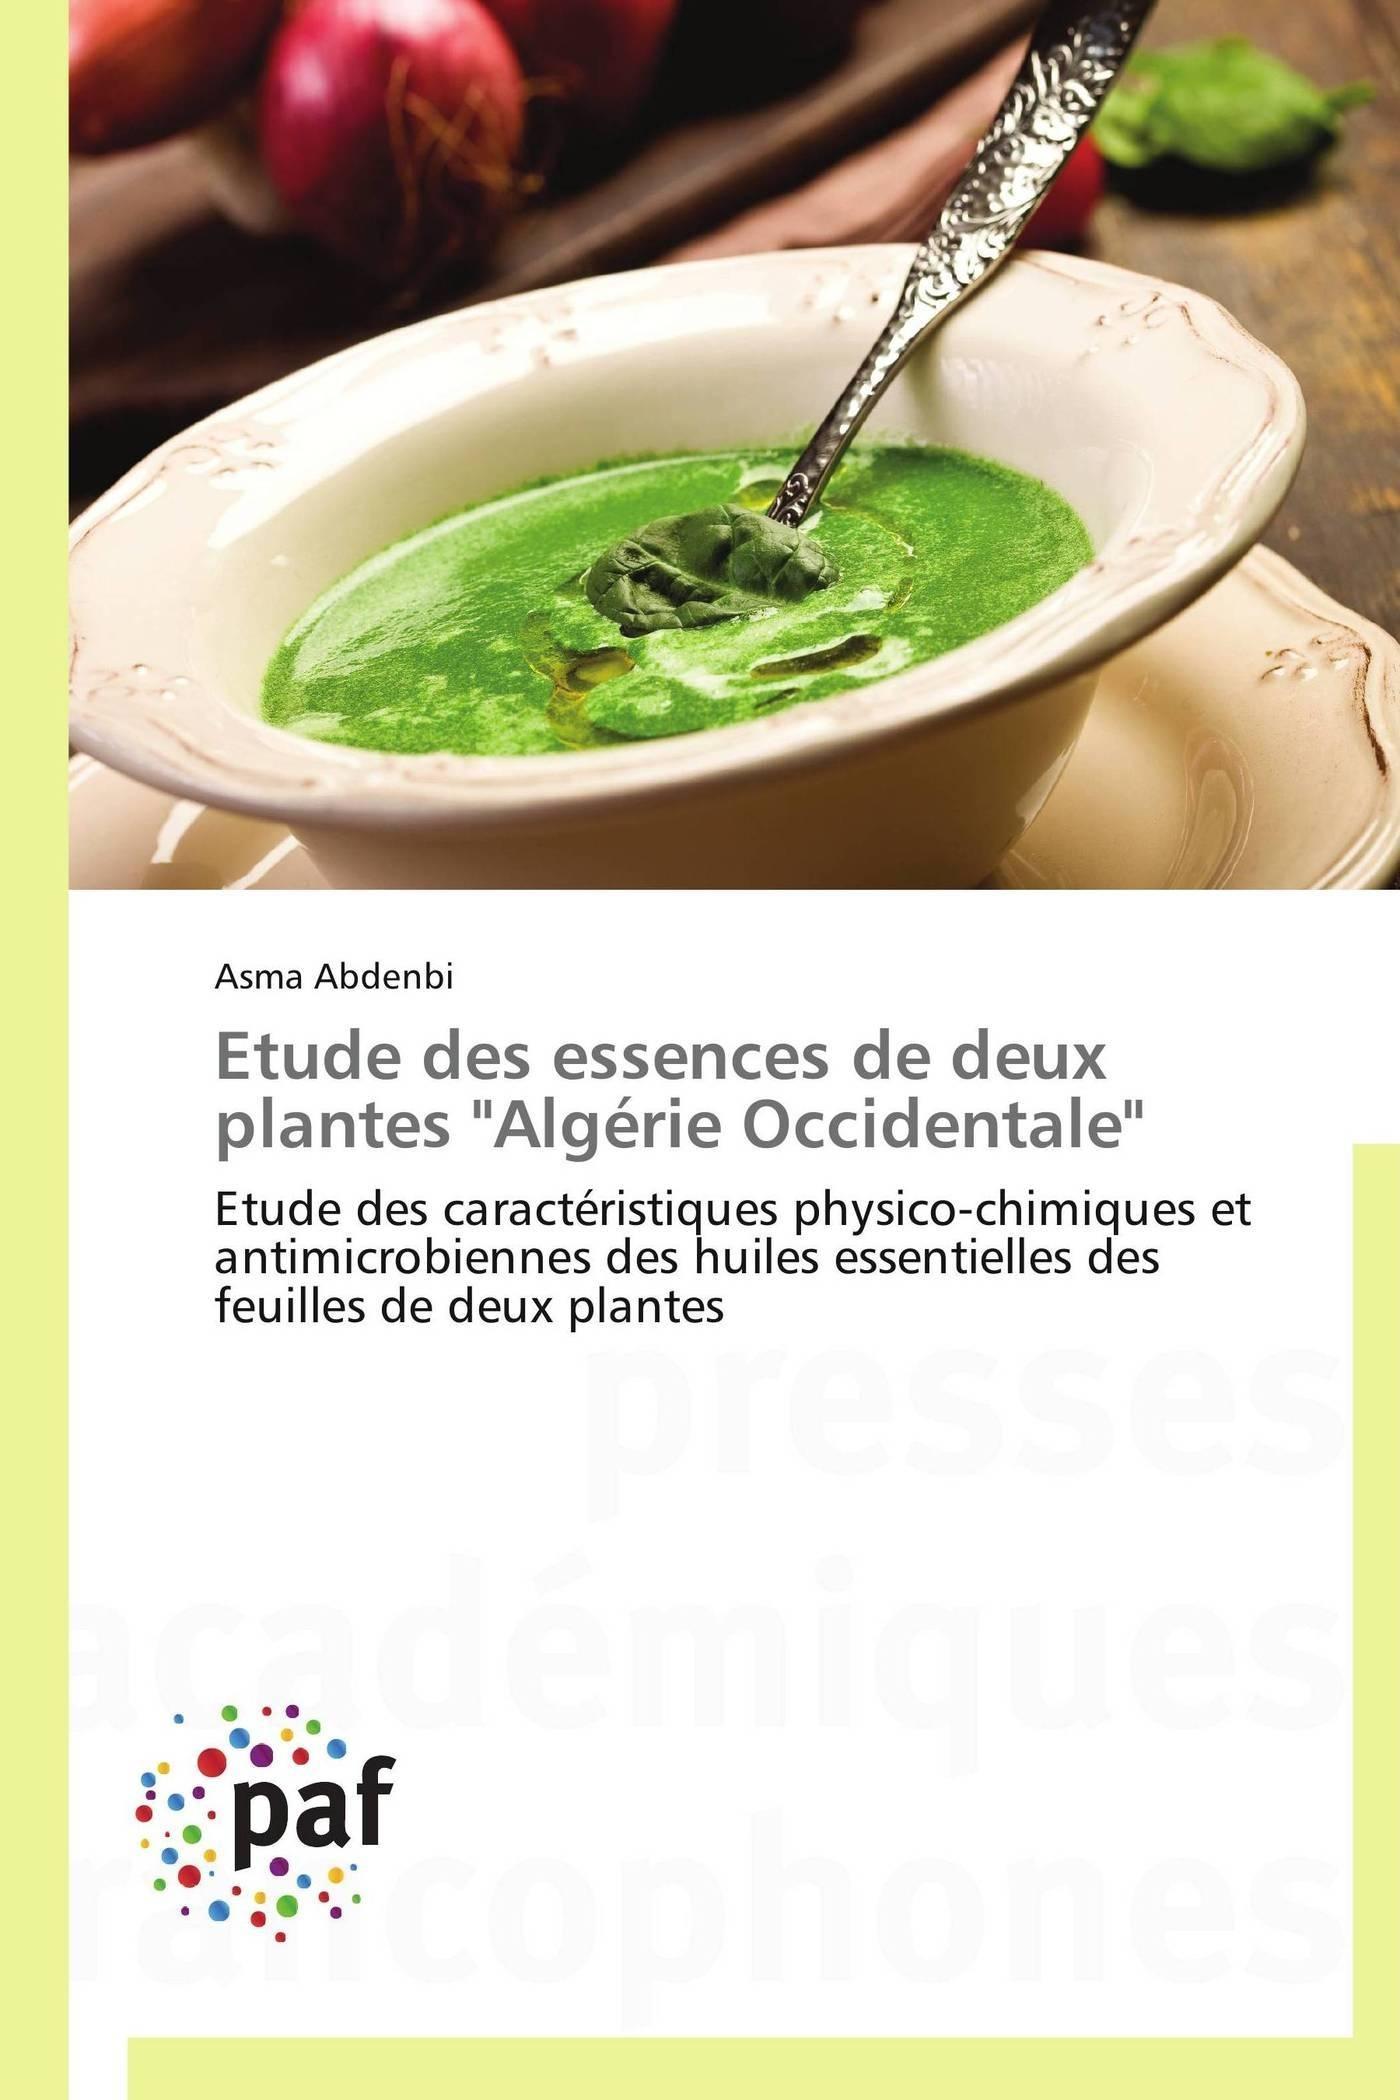 """ETUDE DES ESSENCES DE DEUX PLANTES """"ALGERIE OCCIDENTALE"""""""